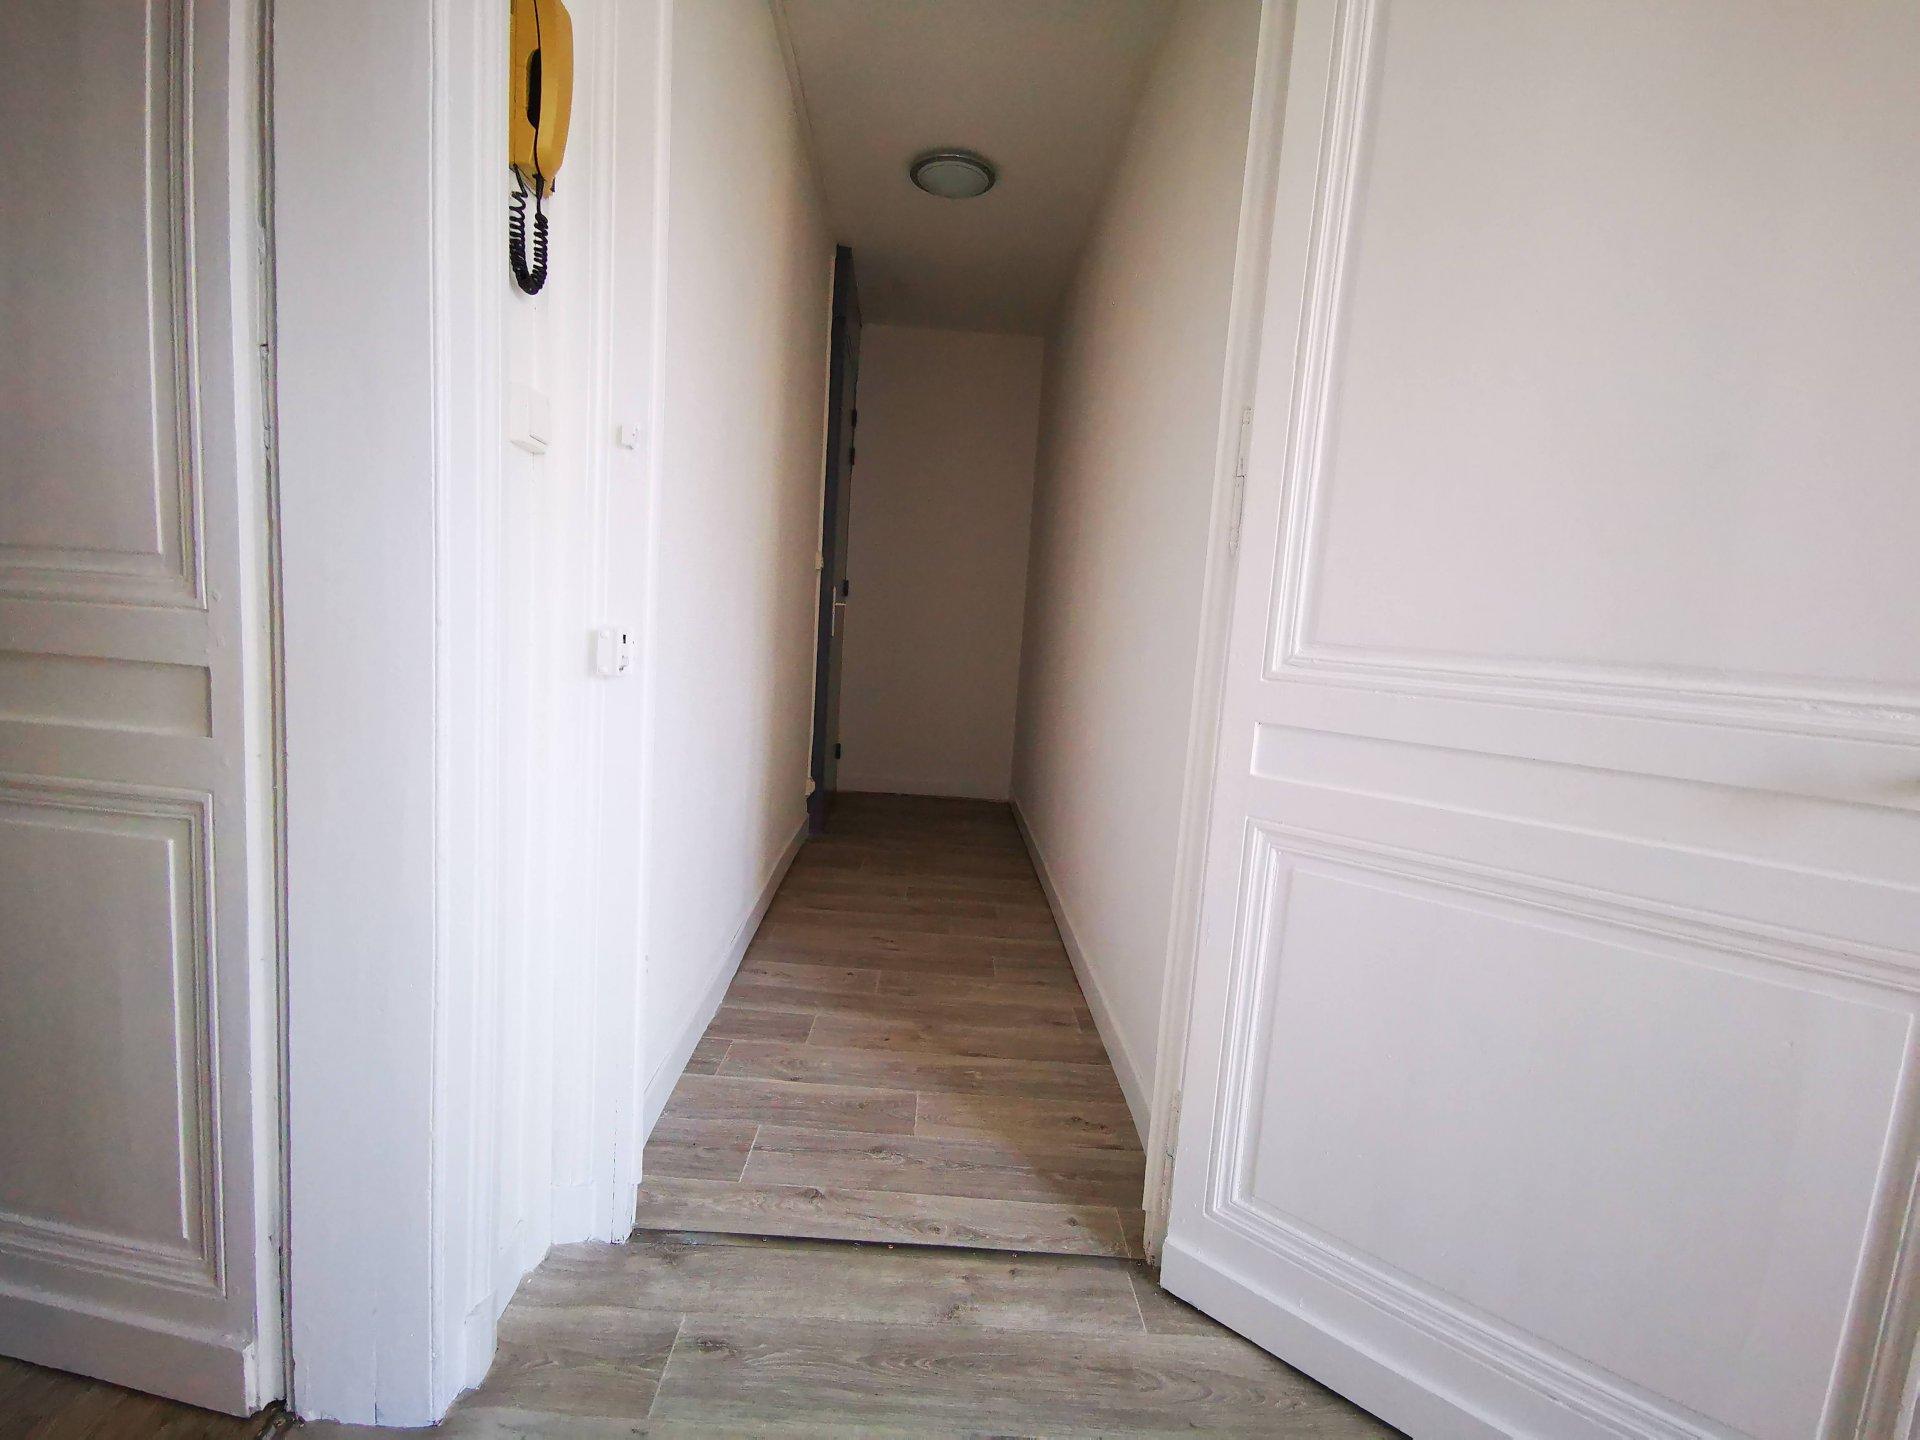 Location T2 de 39,5m² sur Rouen/Pasteur